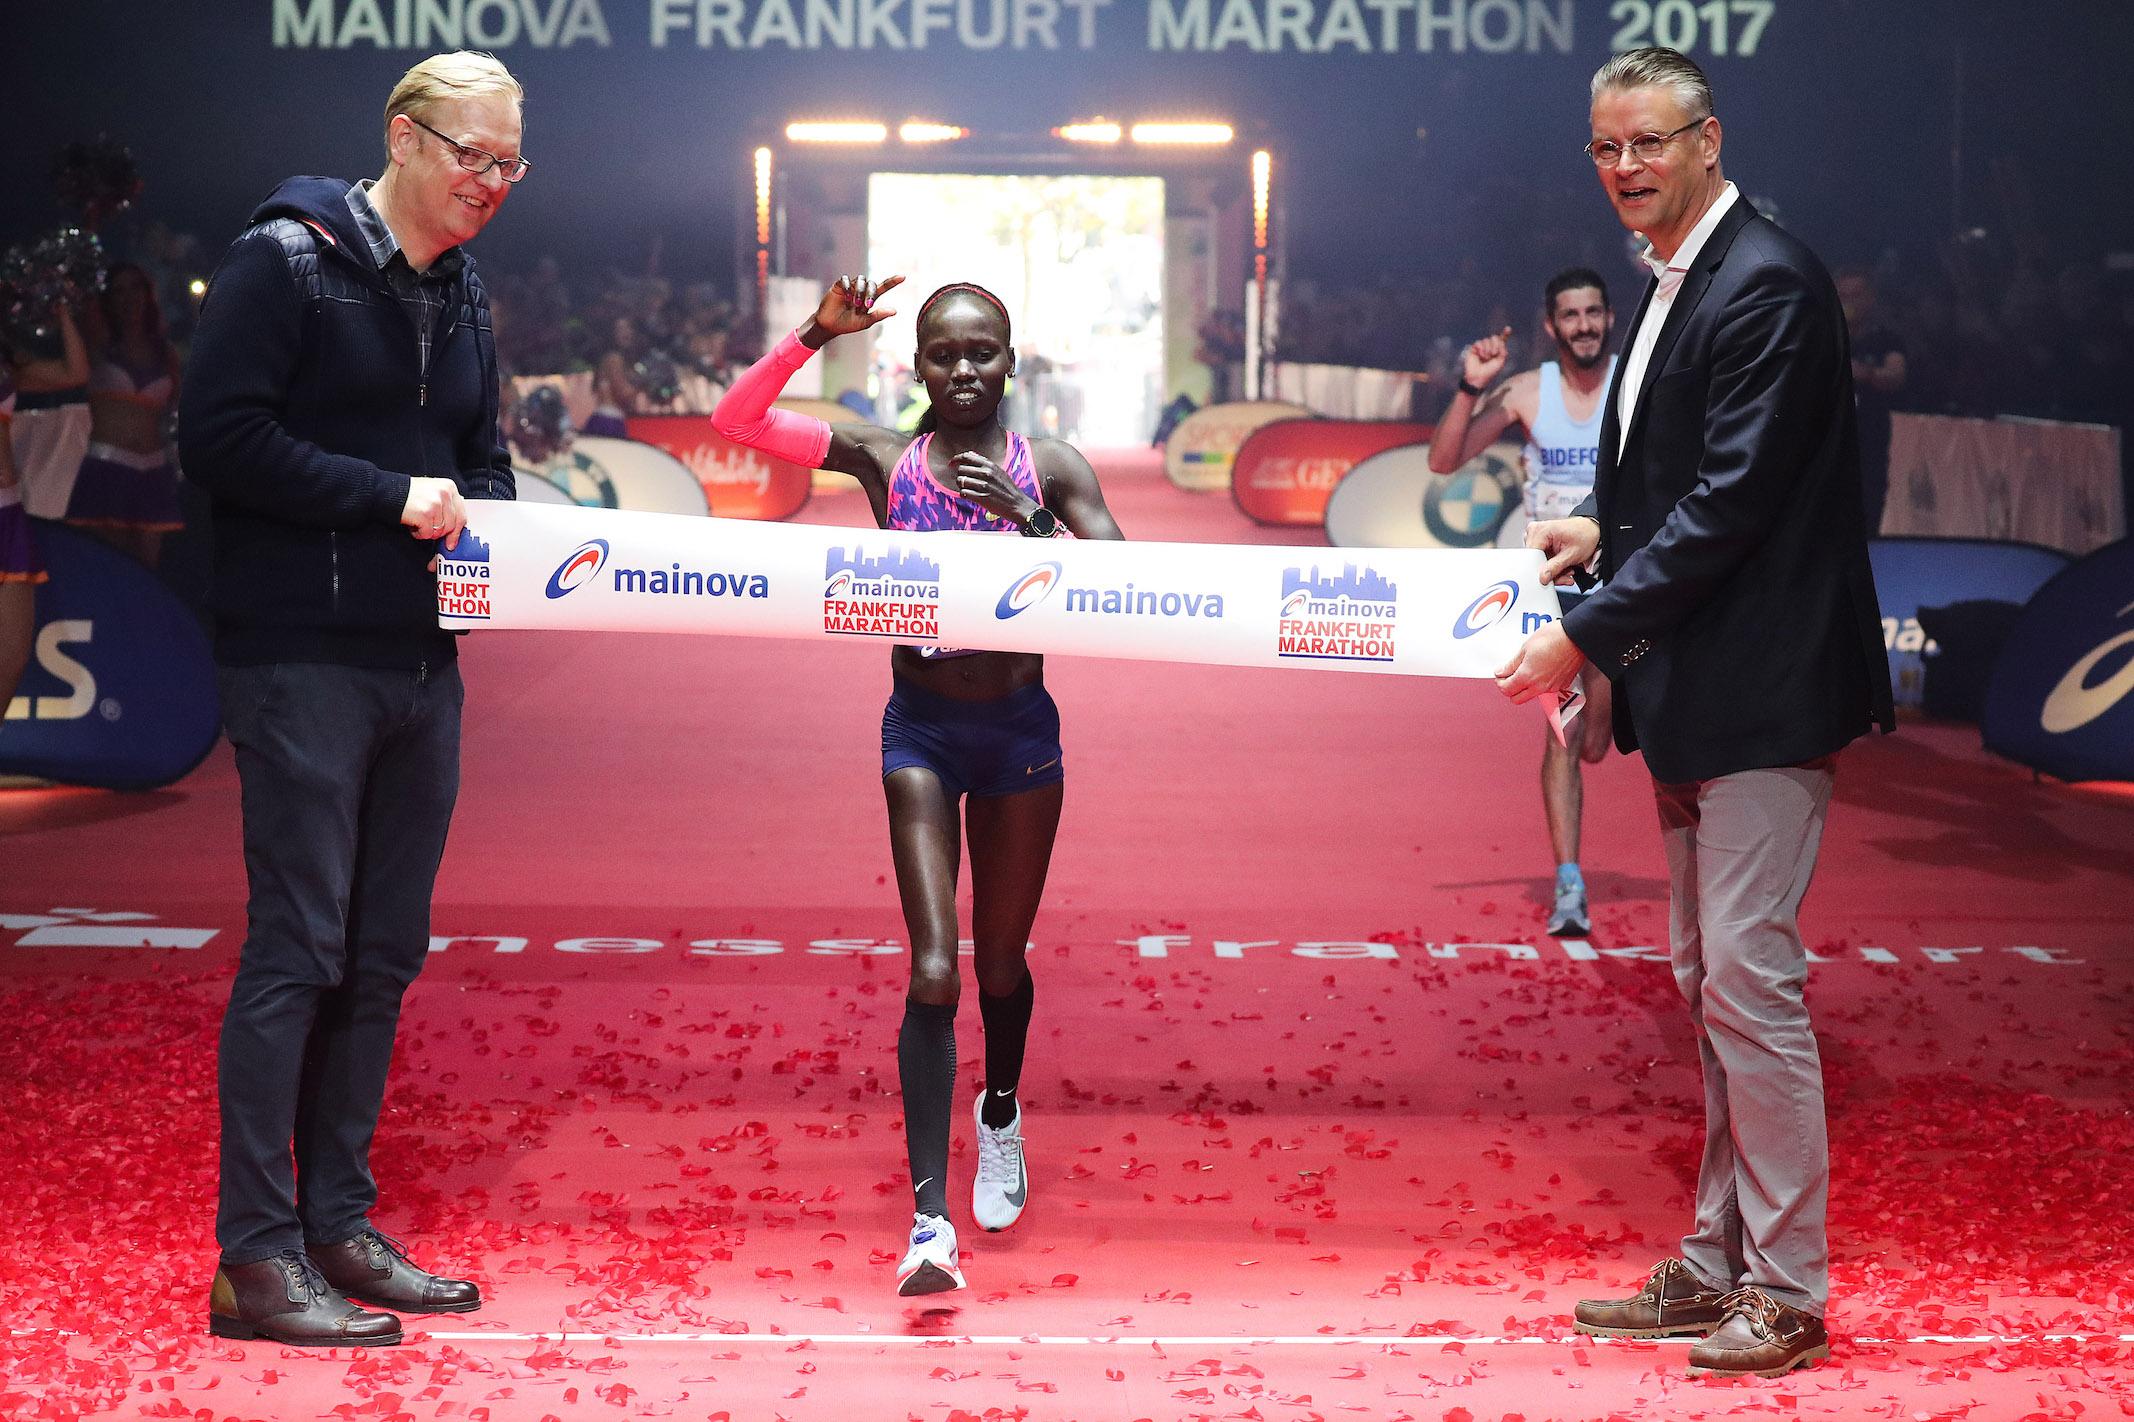 Mainova Frankfurt Marathon. Powiało światowymi wynikami